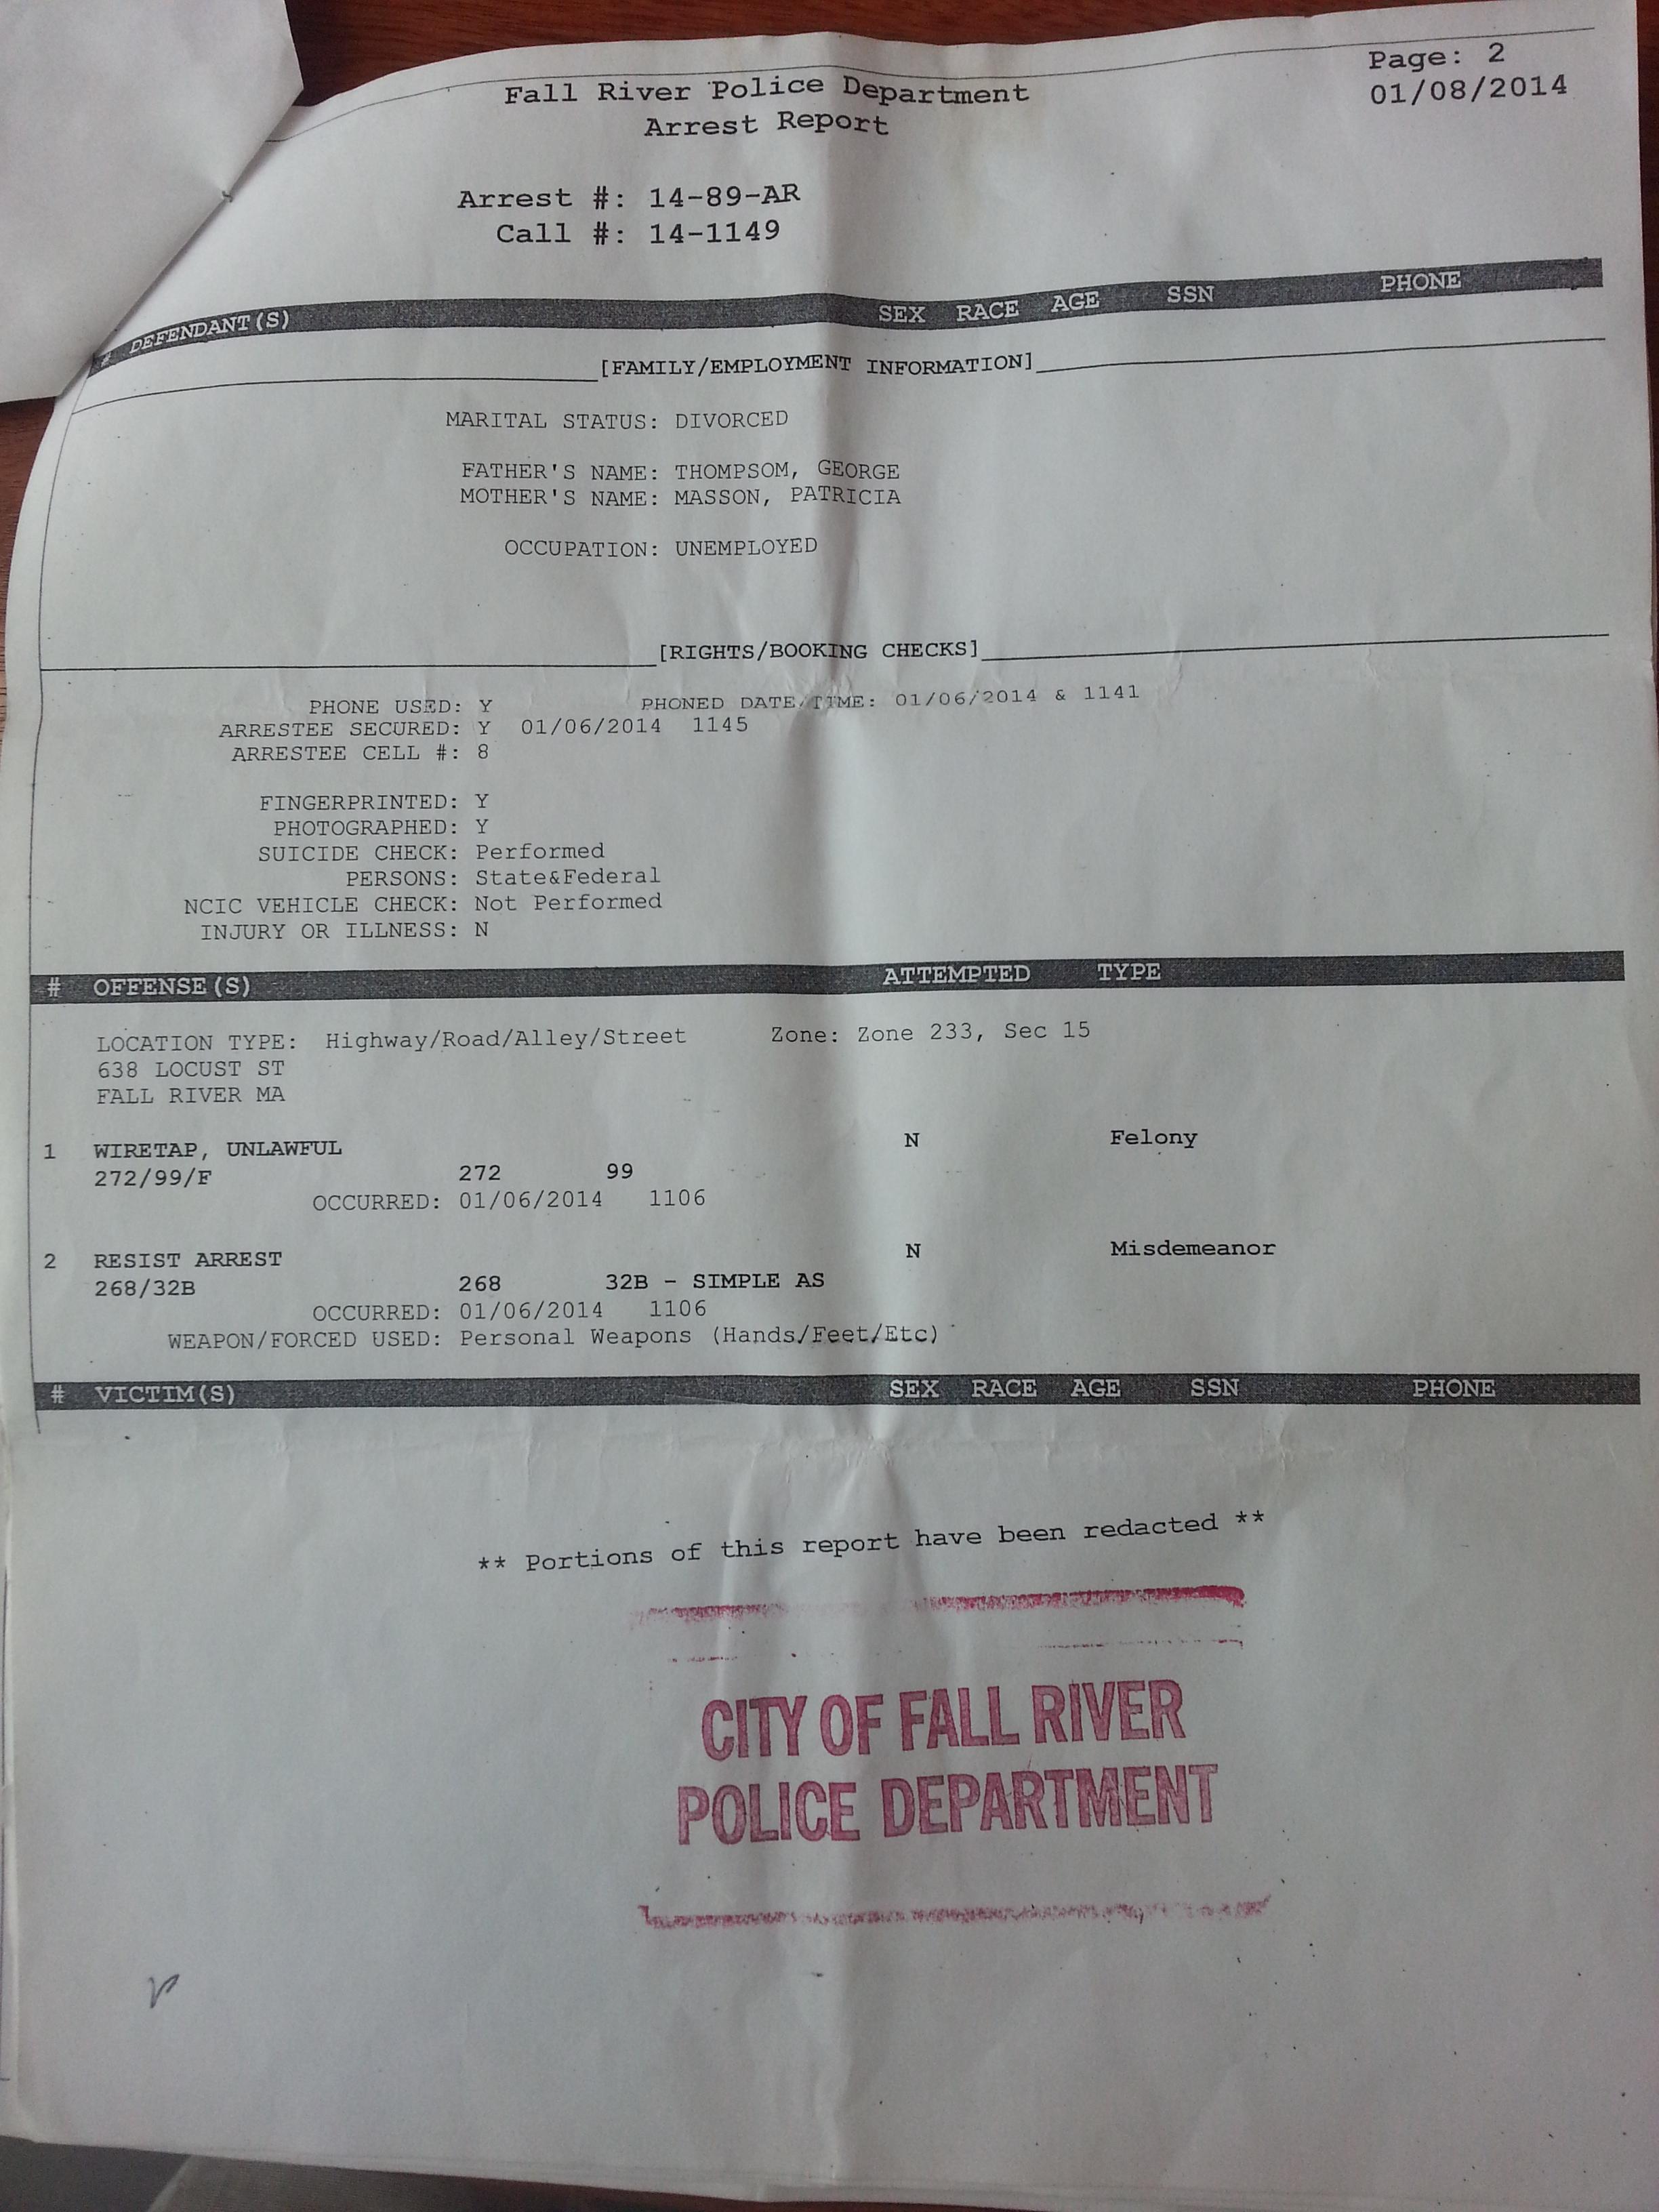 Barboza_arrest_report_p2